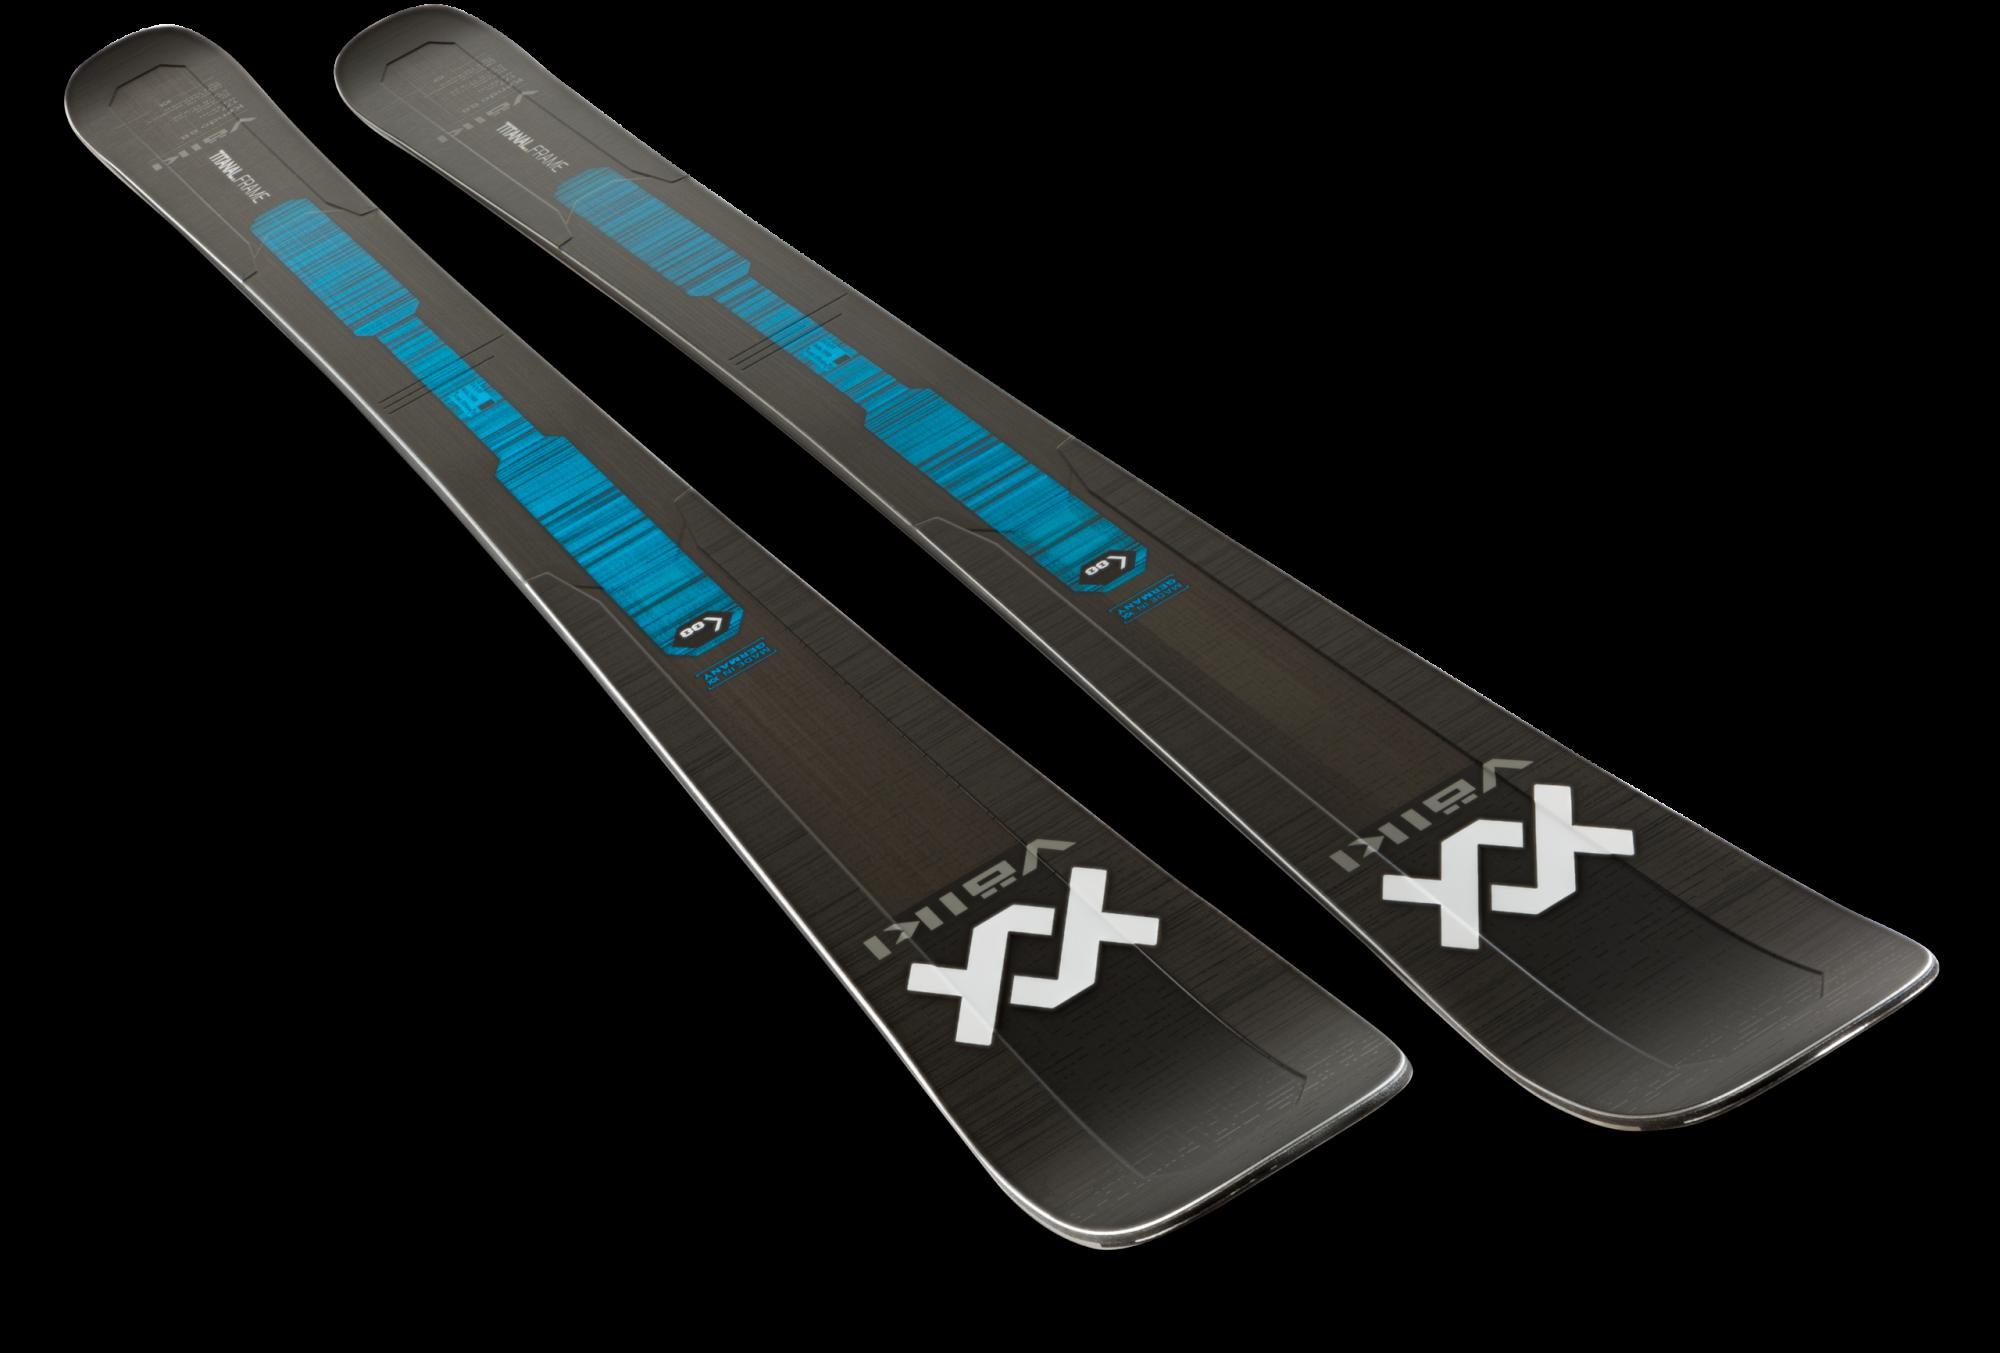 2020 Volkl Kendo 88 Men's Skis